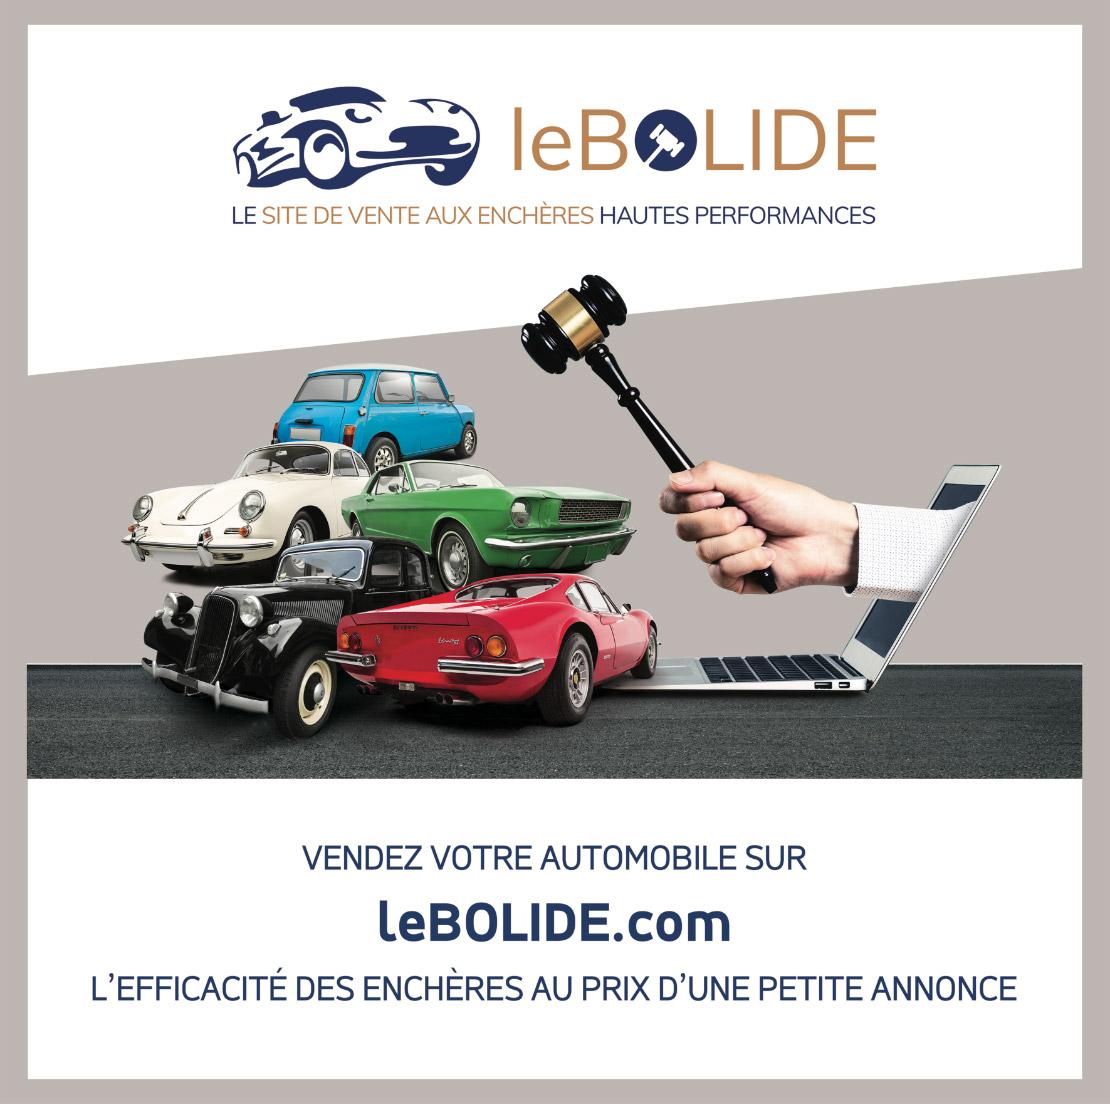 Vendez votre automobilie sur LeBolide.com ! L'efficacité des enchères au prix d'une annonce